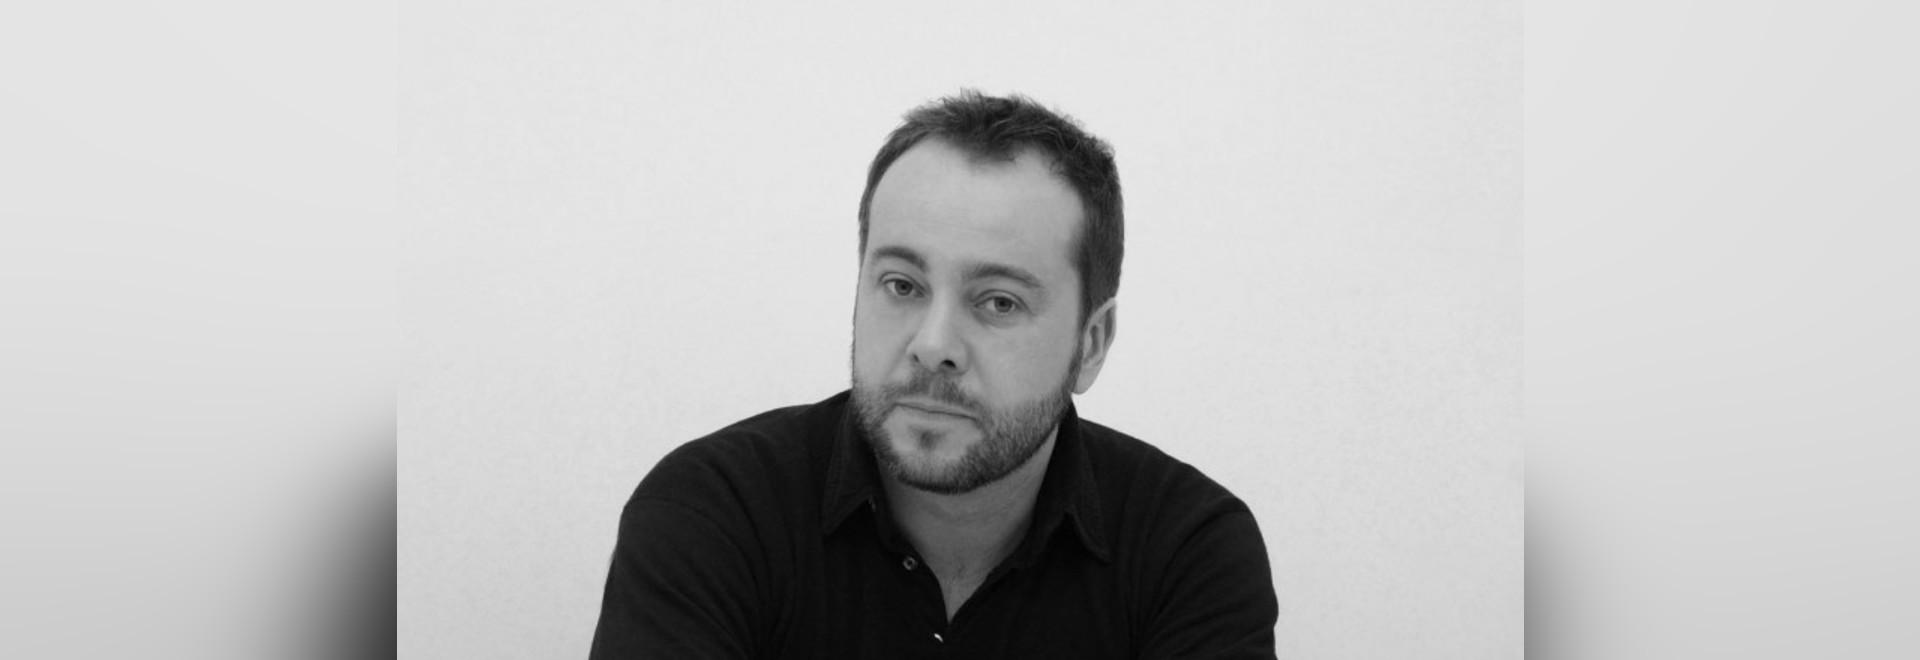 PROJECTEUR DE CONCEPTEUR : PATRICK NORGUET